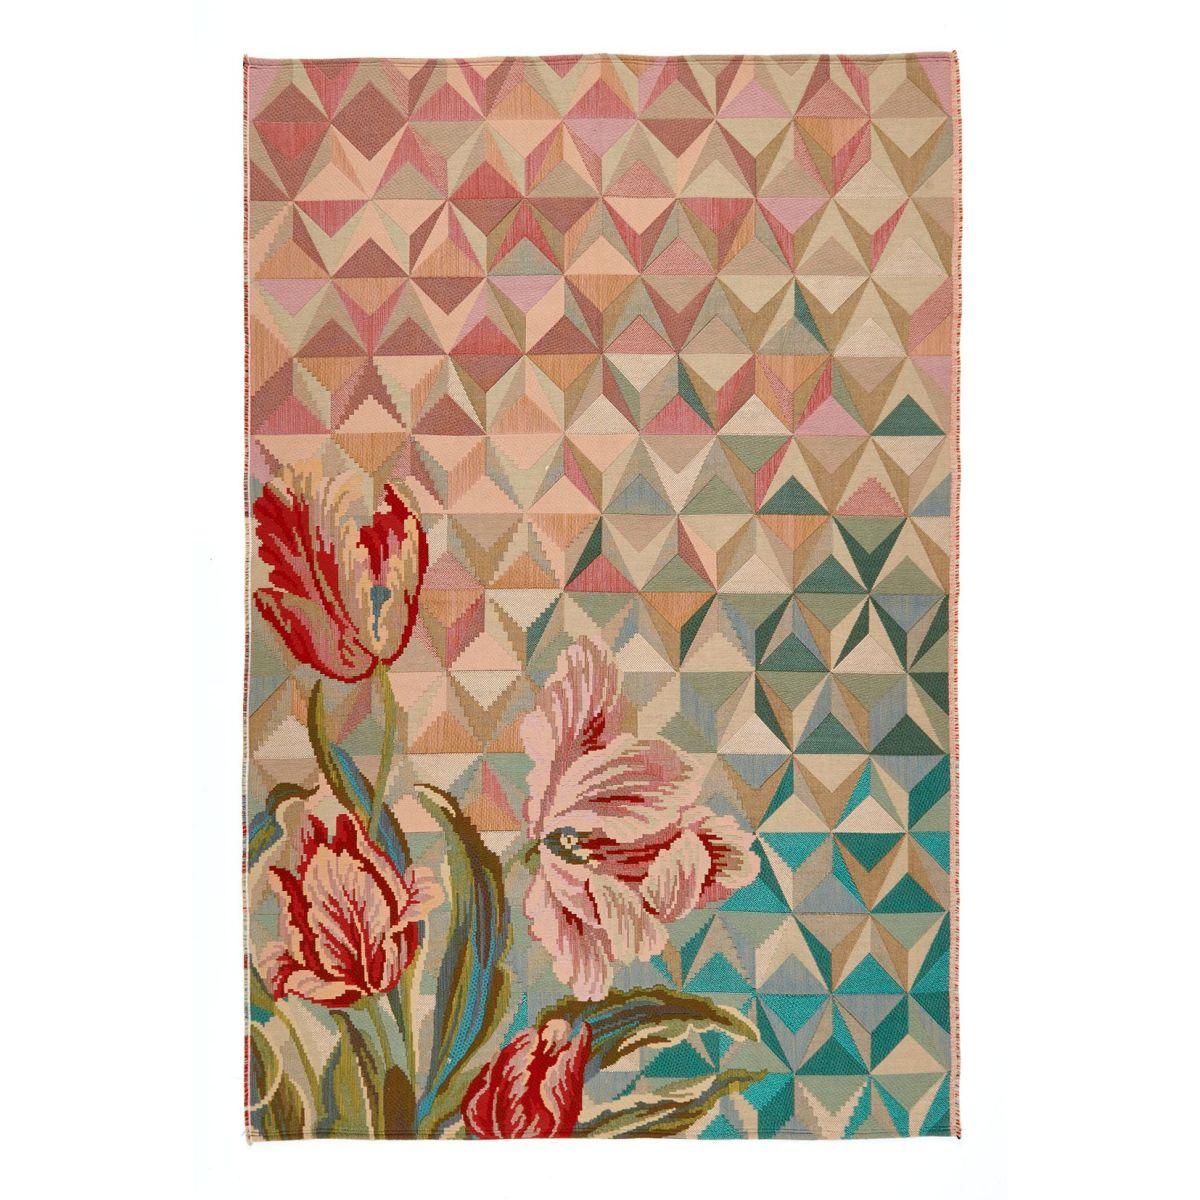 Teppich, Blumenornamente, Dreiecksformen, mit 3D Effekt (Impressionen)